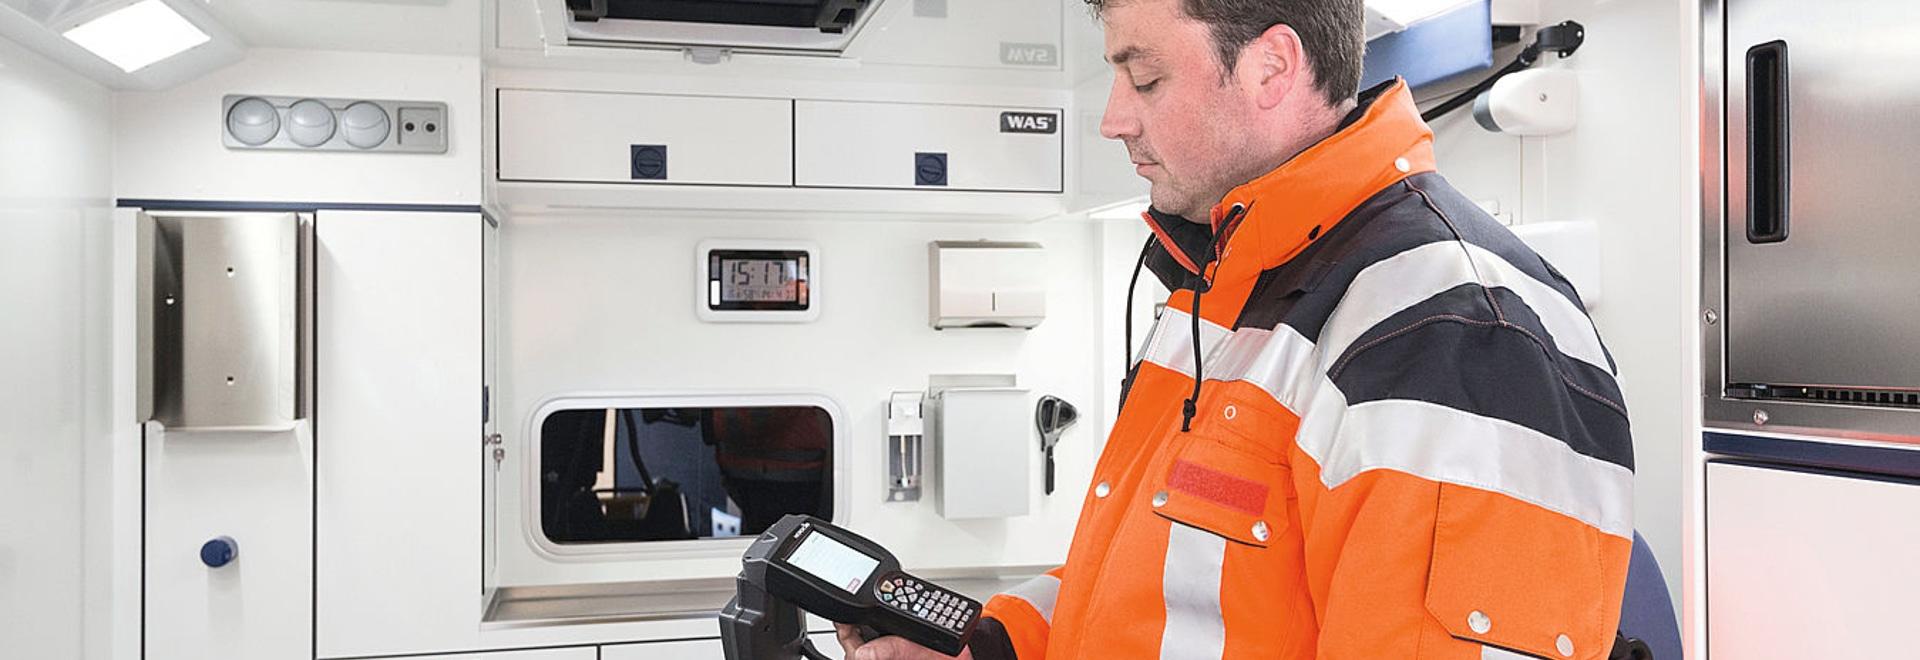 ERA el cheque elegante: Controlar el equipo por tecnología de RFID